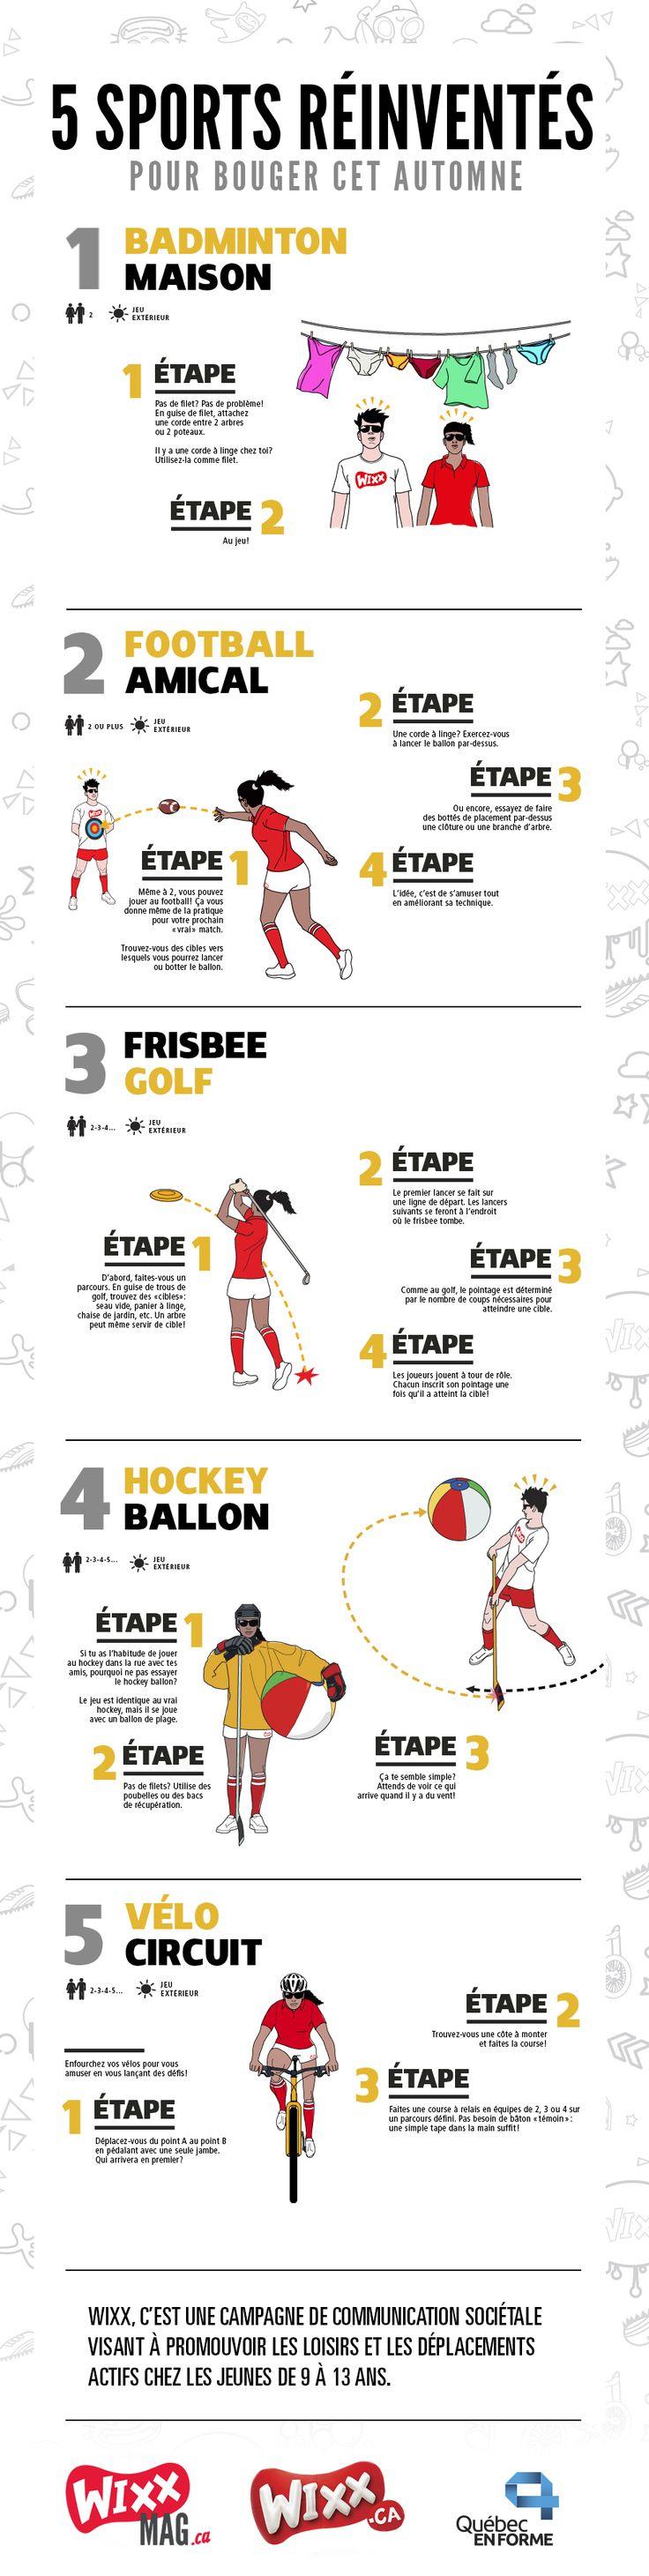 5 sports réinventés #INFOGRAPHIE | WIXXMAG